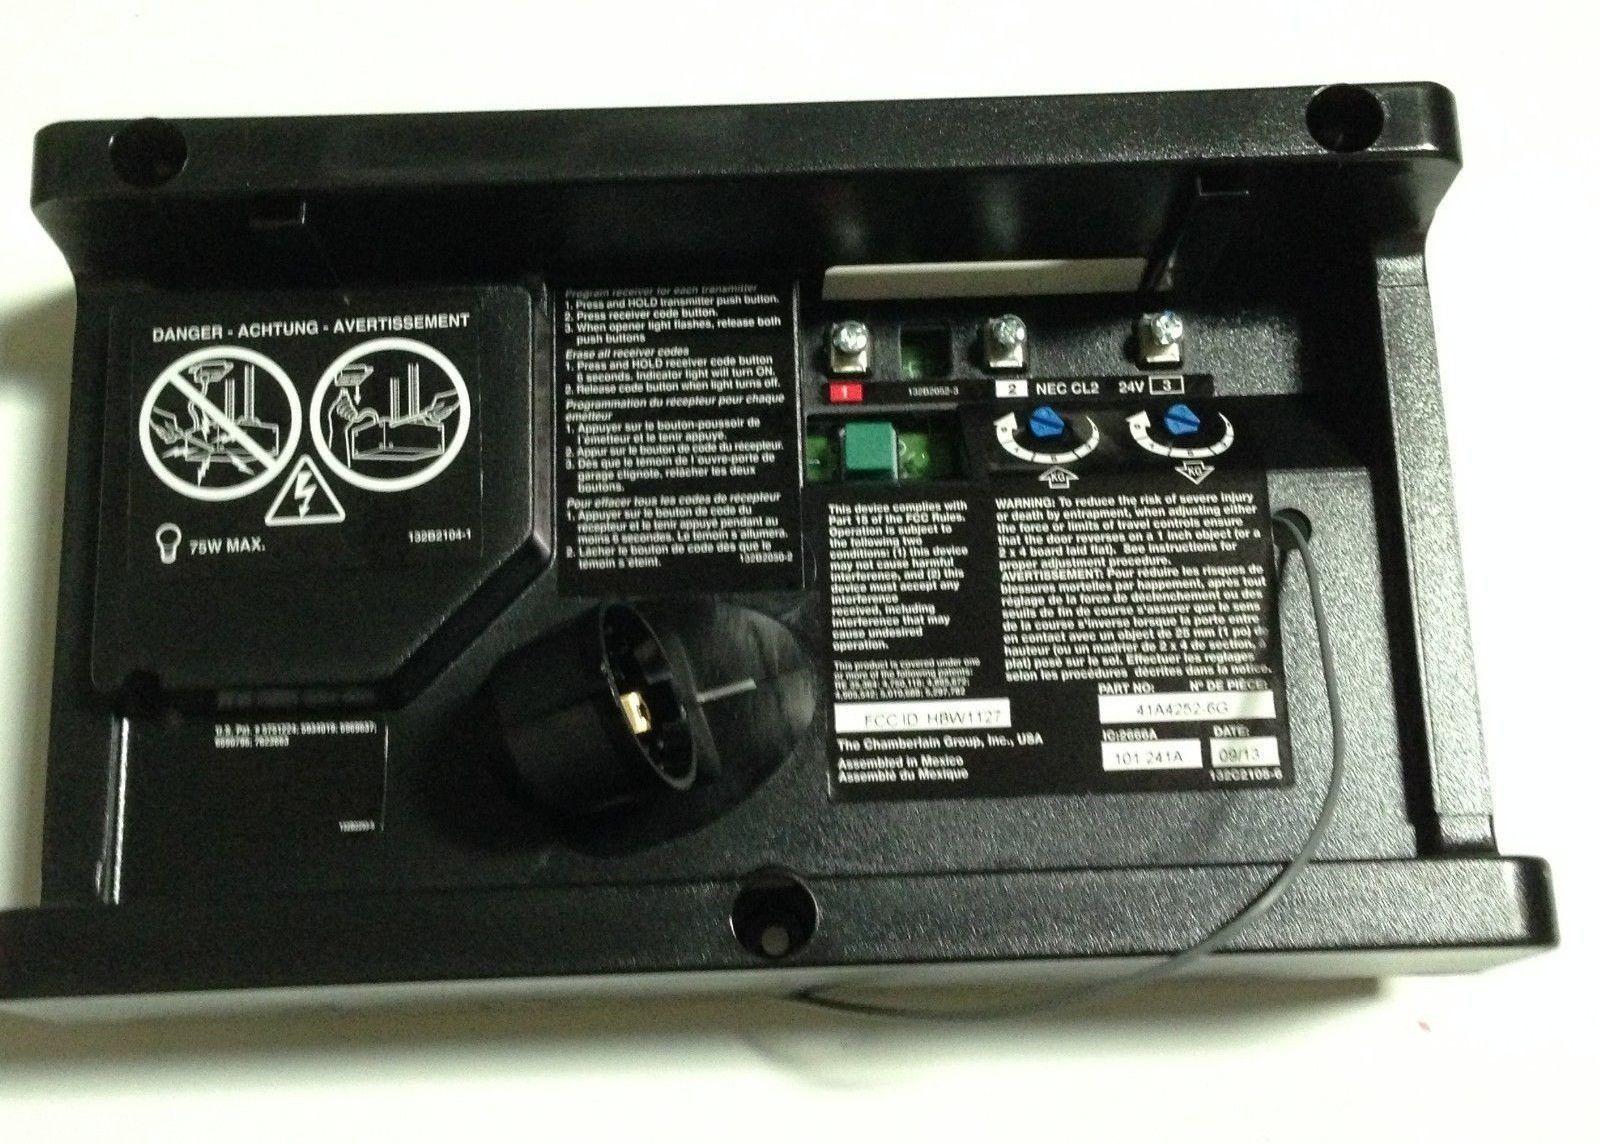 Liftmaster 41a4252 6g Garage Door Opener Logic Control Board 390 Mhz Rp 97 95 Sp Liftmaster Garage Door Liftmaster Garage Door Opener Garage Door Opener